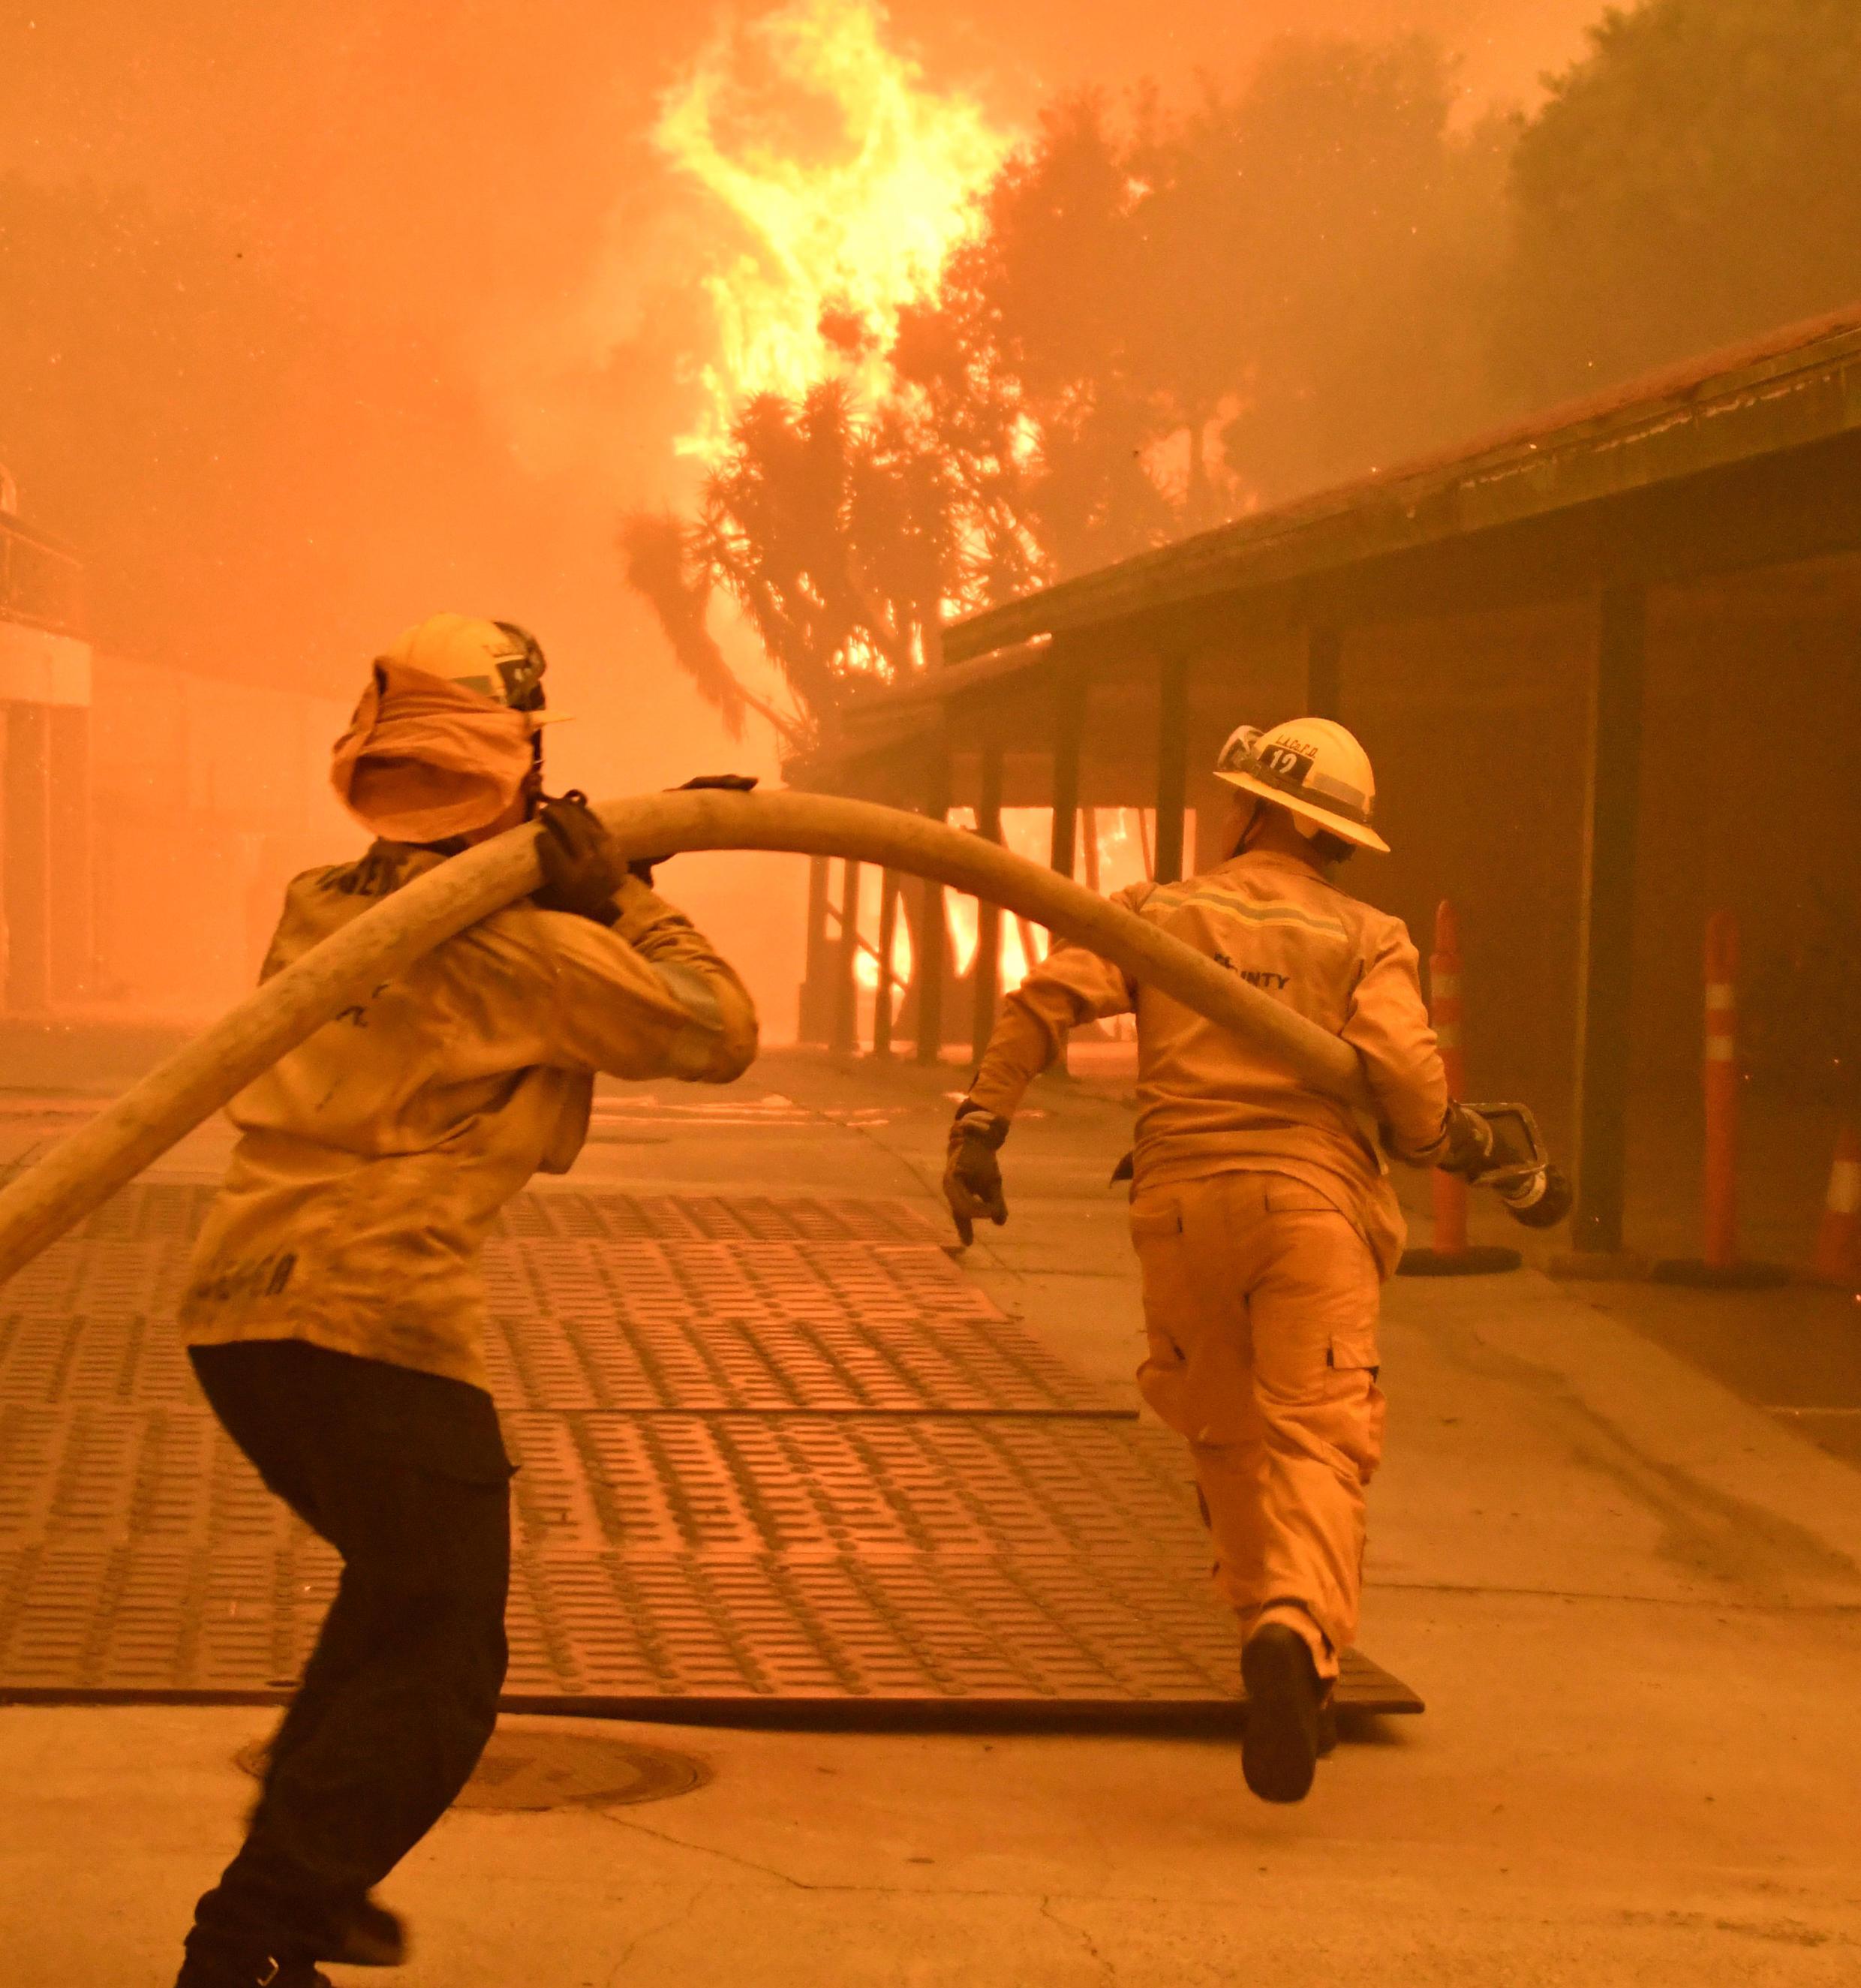 Bomberos tratando de apagar las llamas de Woolsey Fire, en una zona residencial de Malibú, California, el 9 de noviembre del 2018.